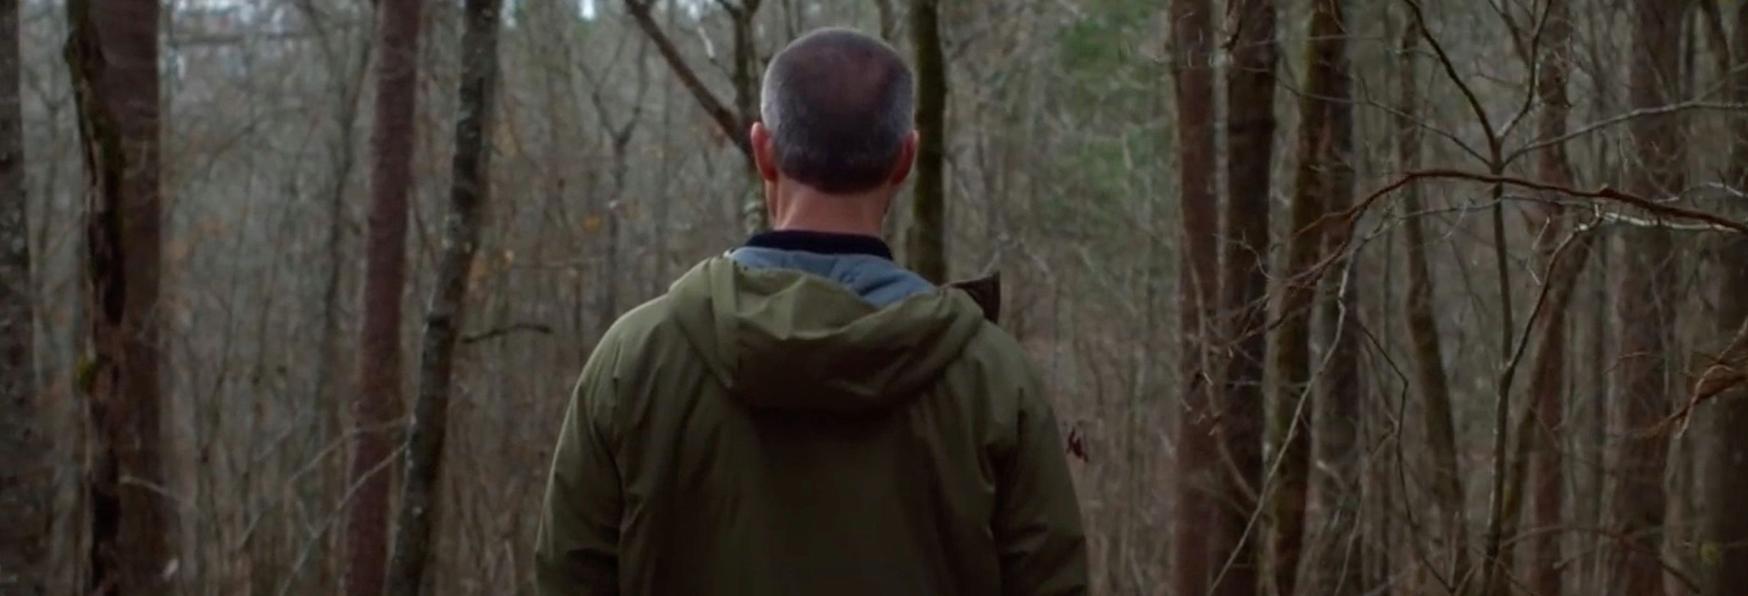 Unsolved Mysteries 2: svelata la Data della nuova Stagione della Serie TV Netflix